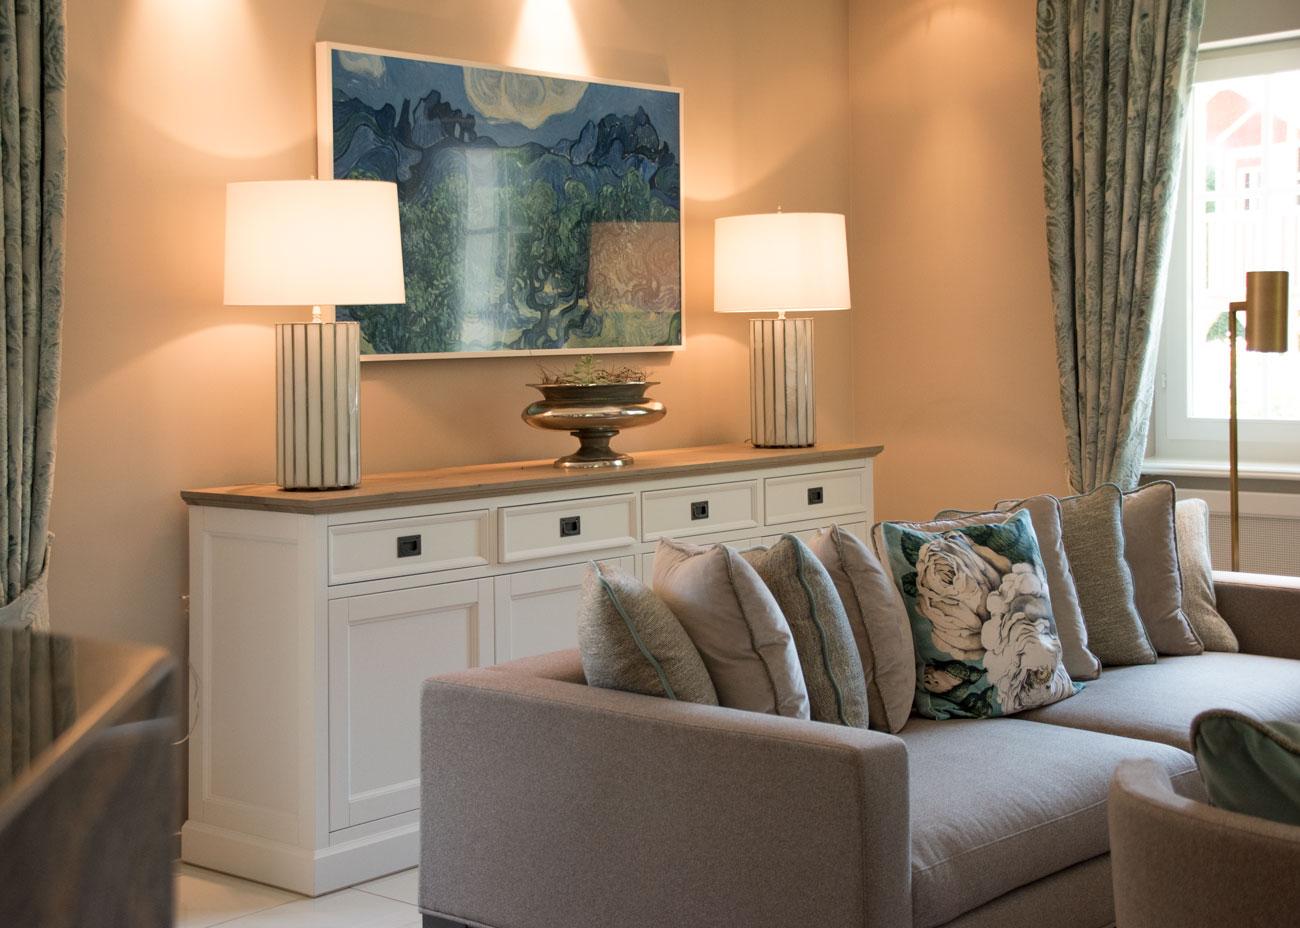 haus renovierung ideen wohnzimmer leuchten kommode vorhänge glastisch TV